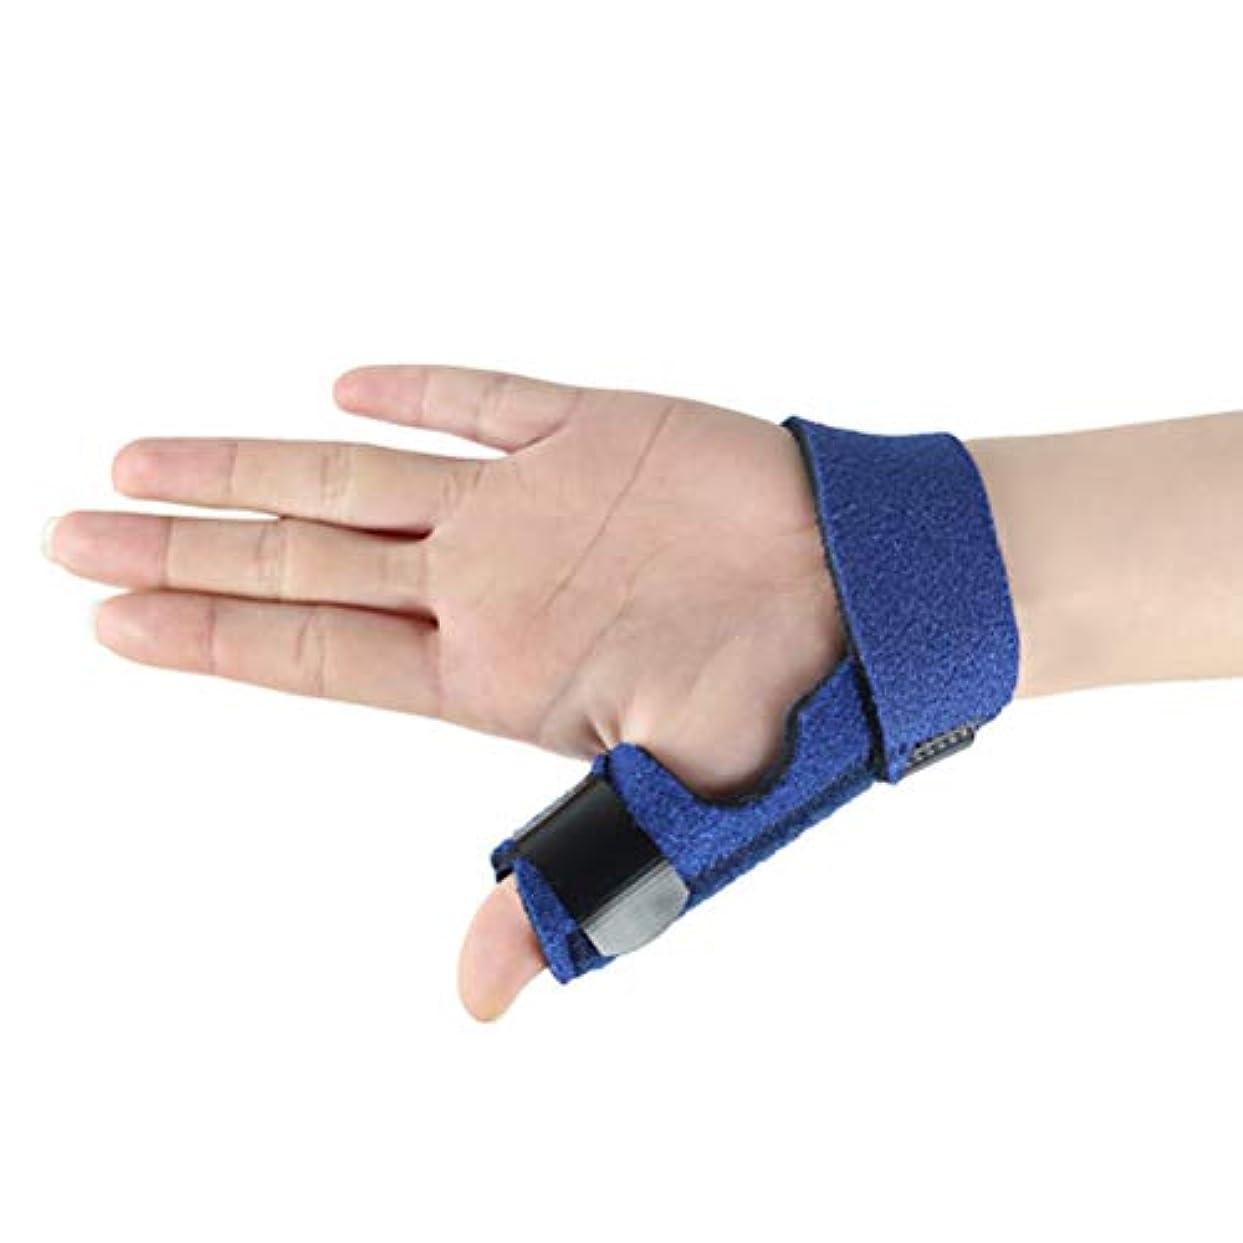 始める解き明かす悪いHeallily指修正サポートブレース骨折指固定ベルト指矯正プロテクタースプリント(右手)